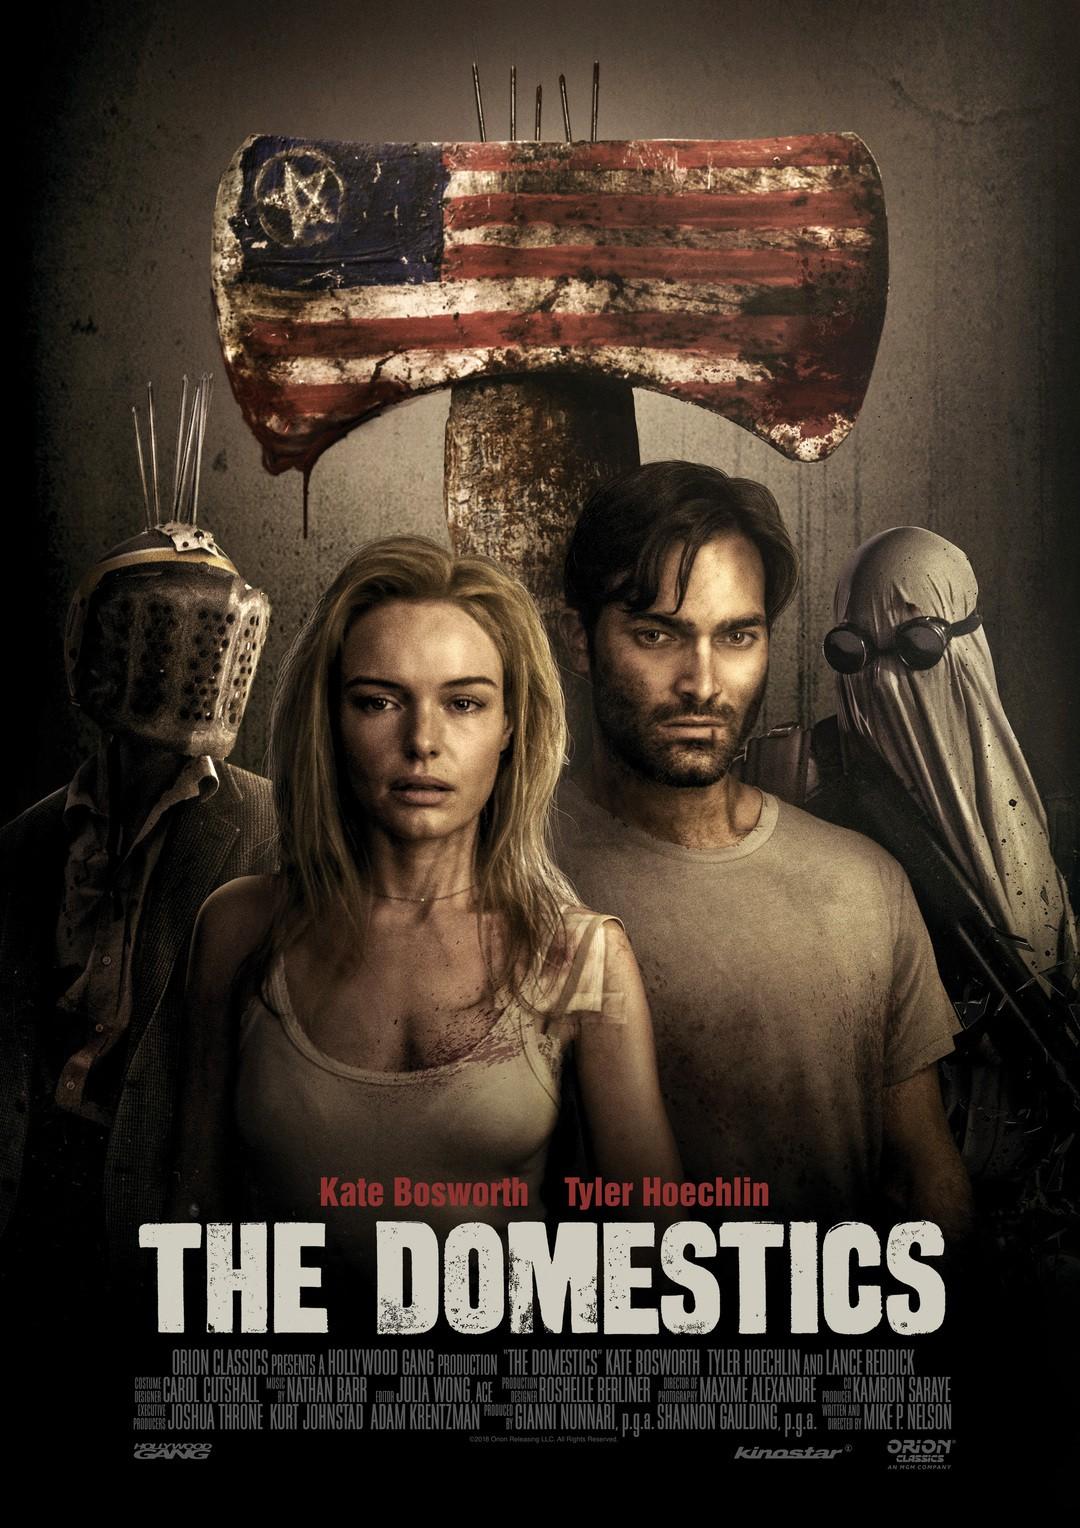 The Domestics Trailer - Bild 1 von 11